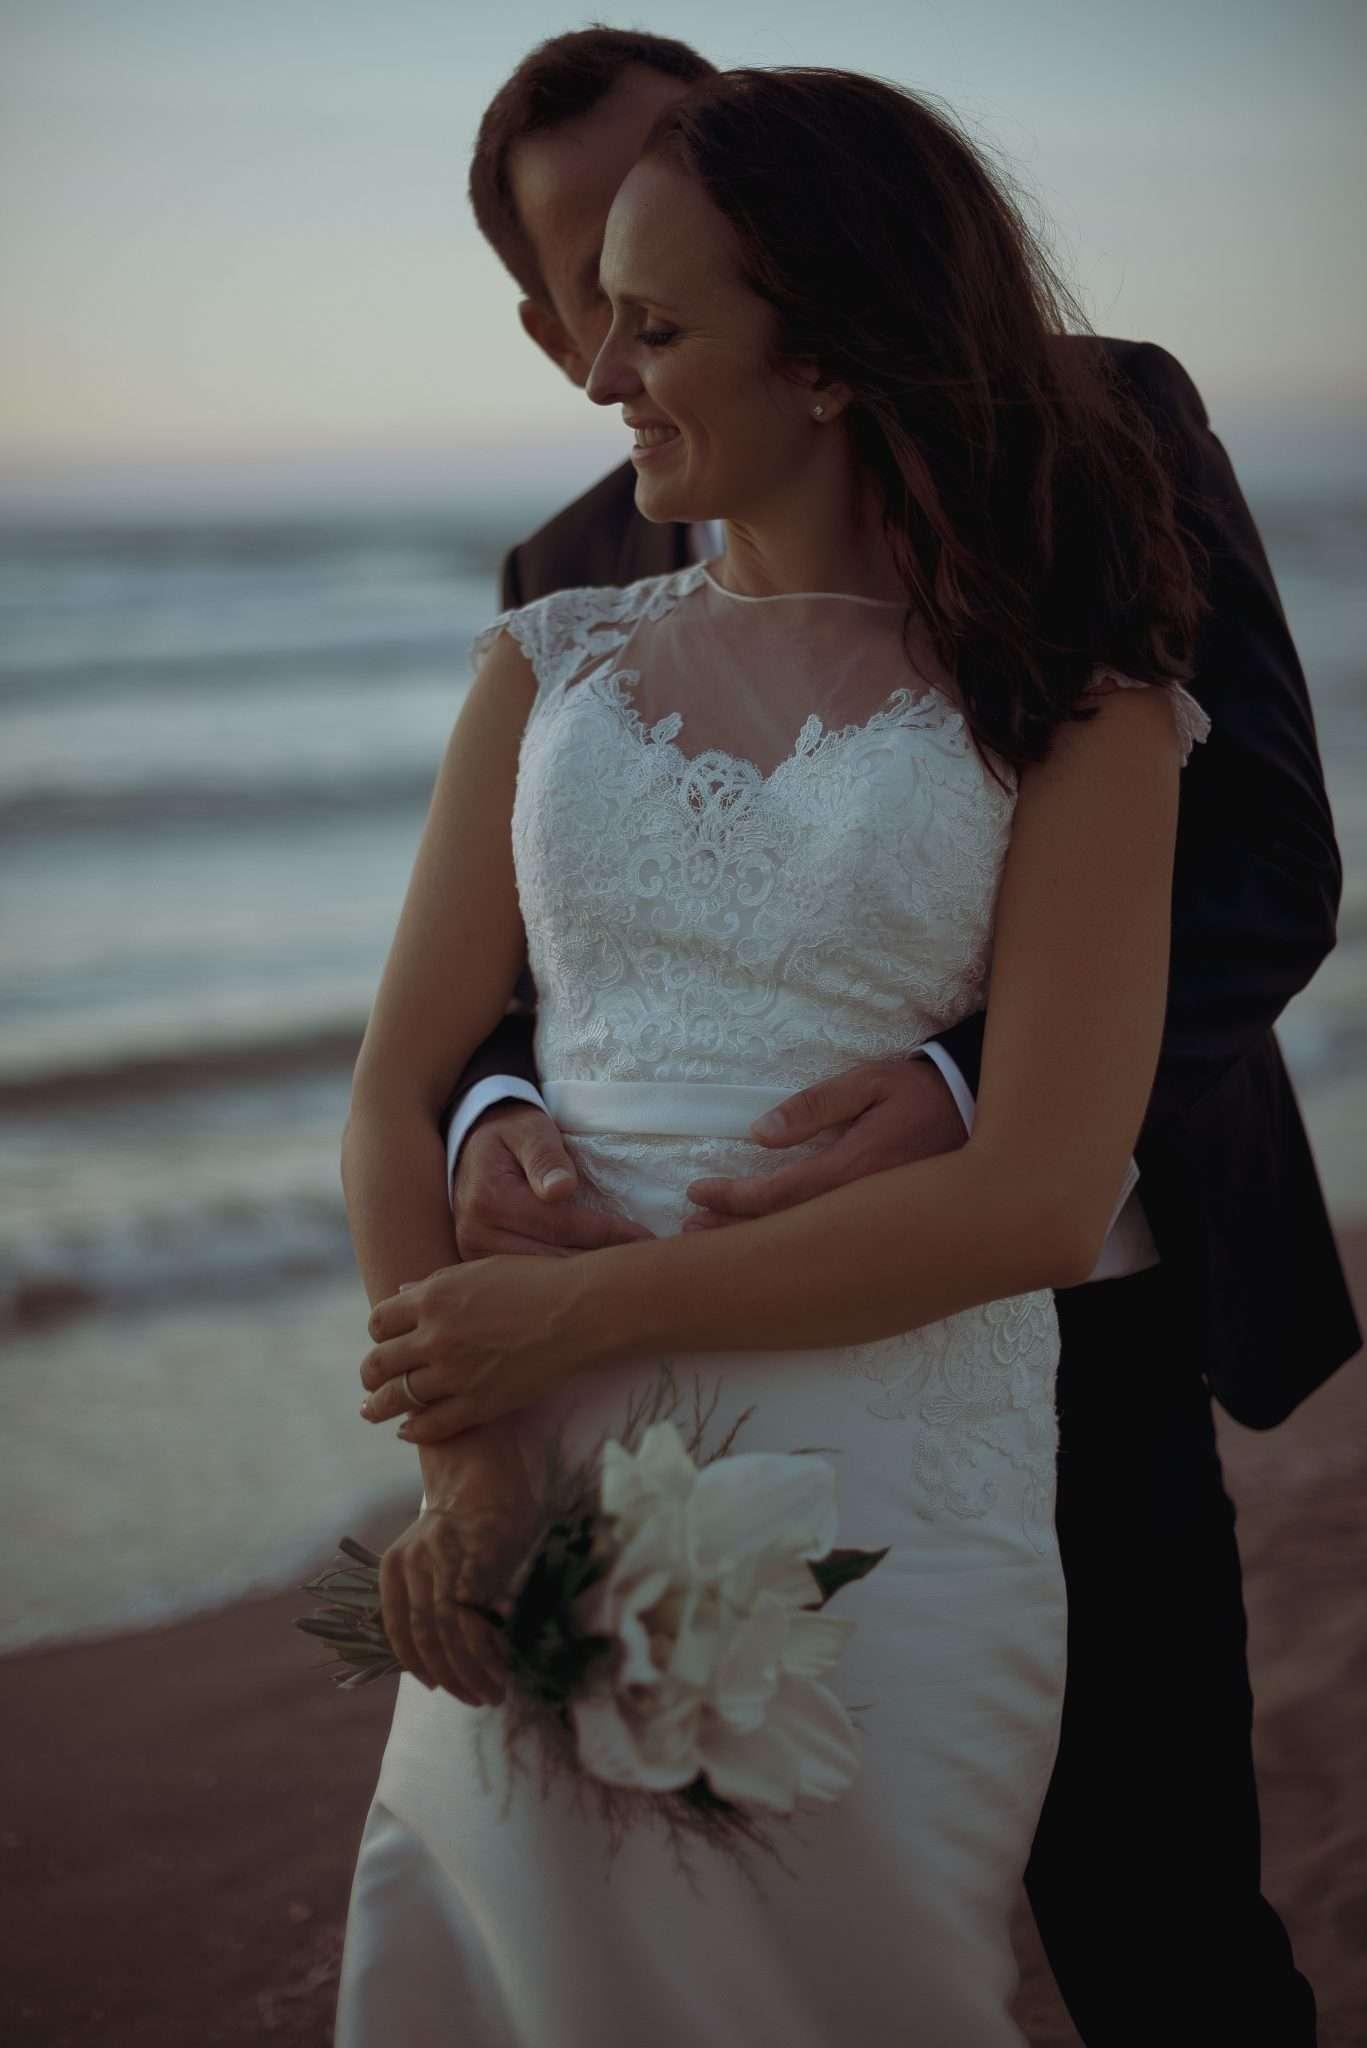 Fotografia wedding reportage sposo che abbraccia sposa